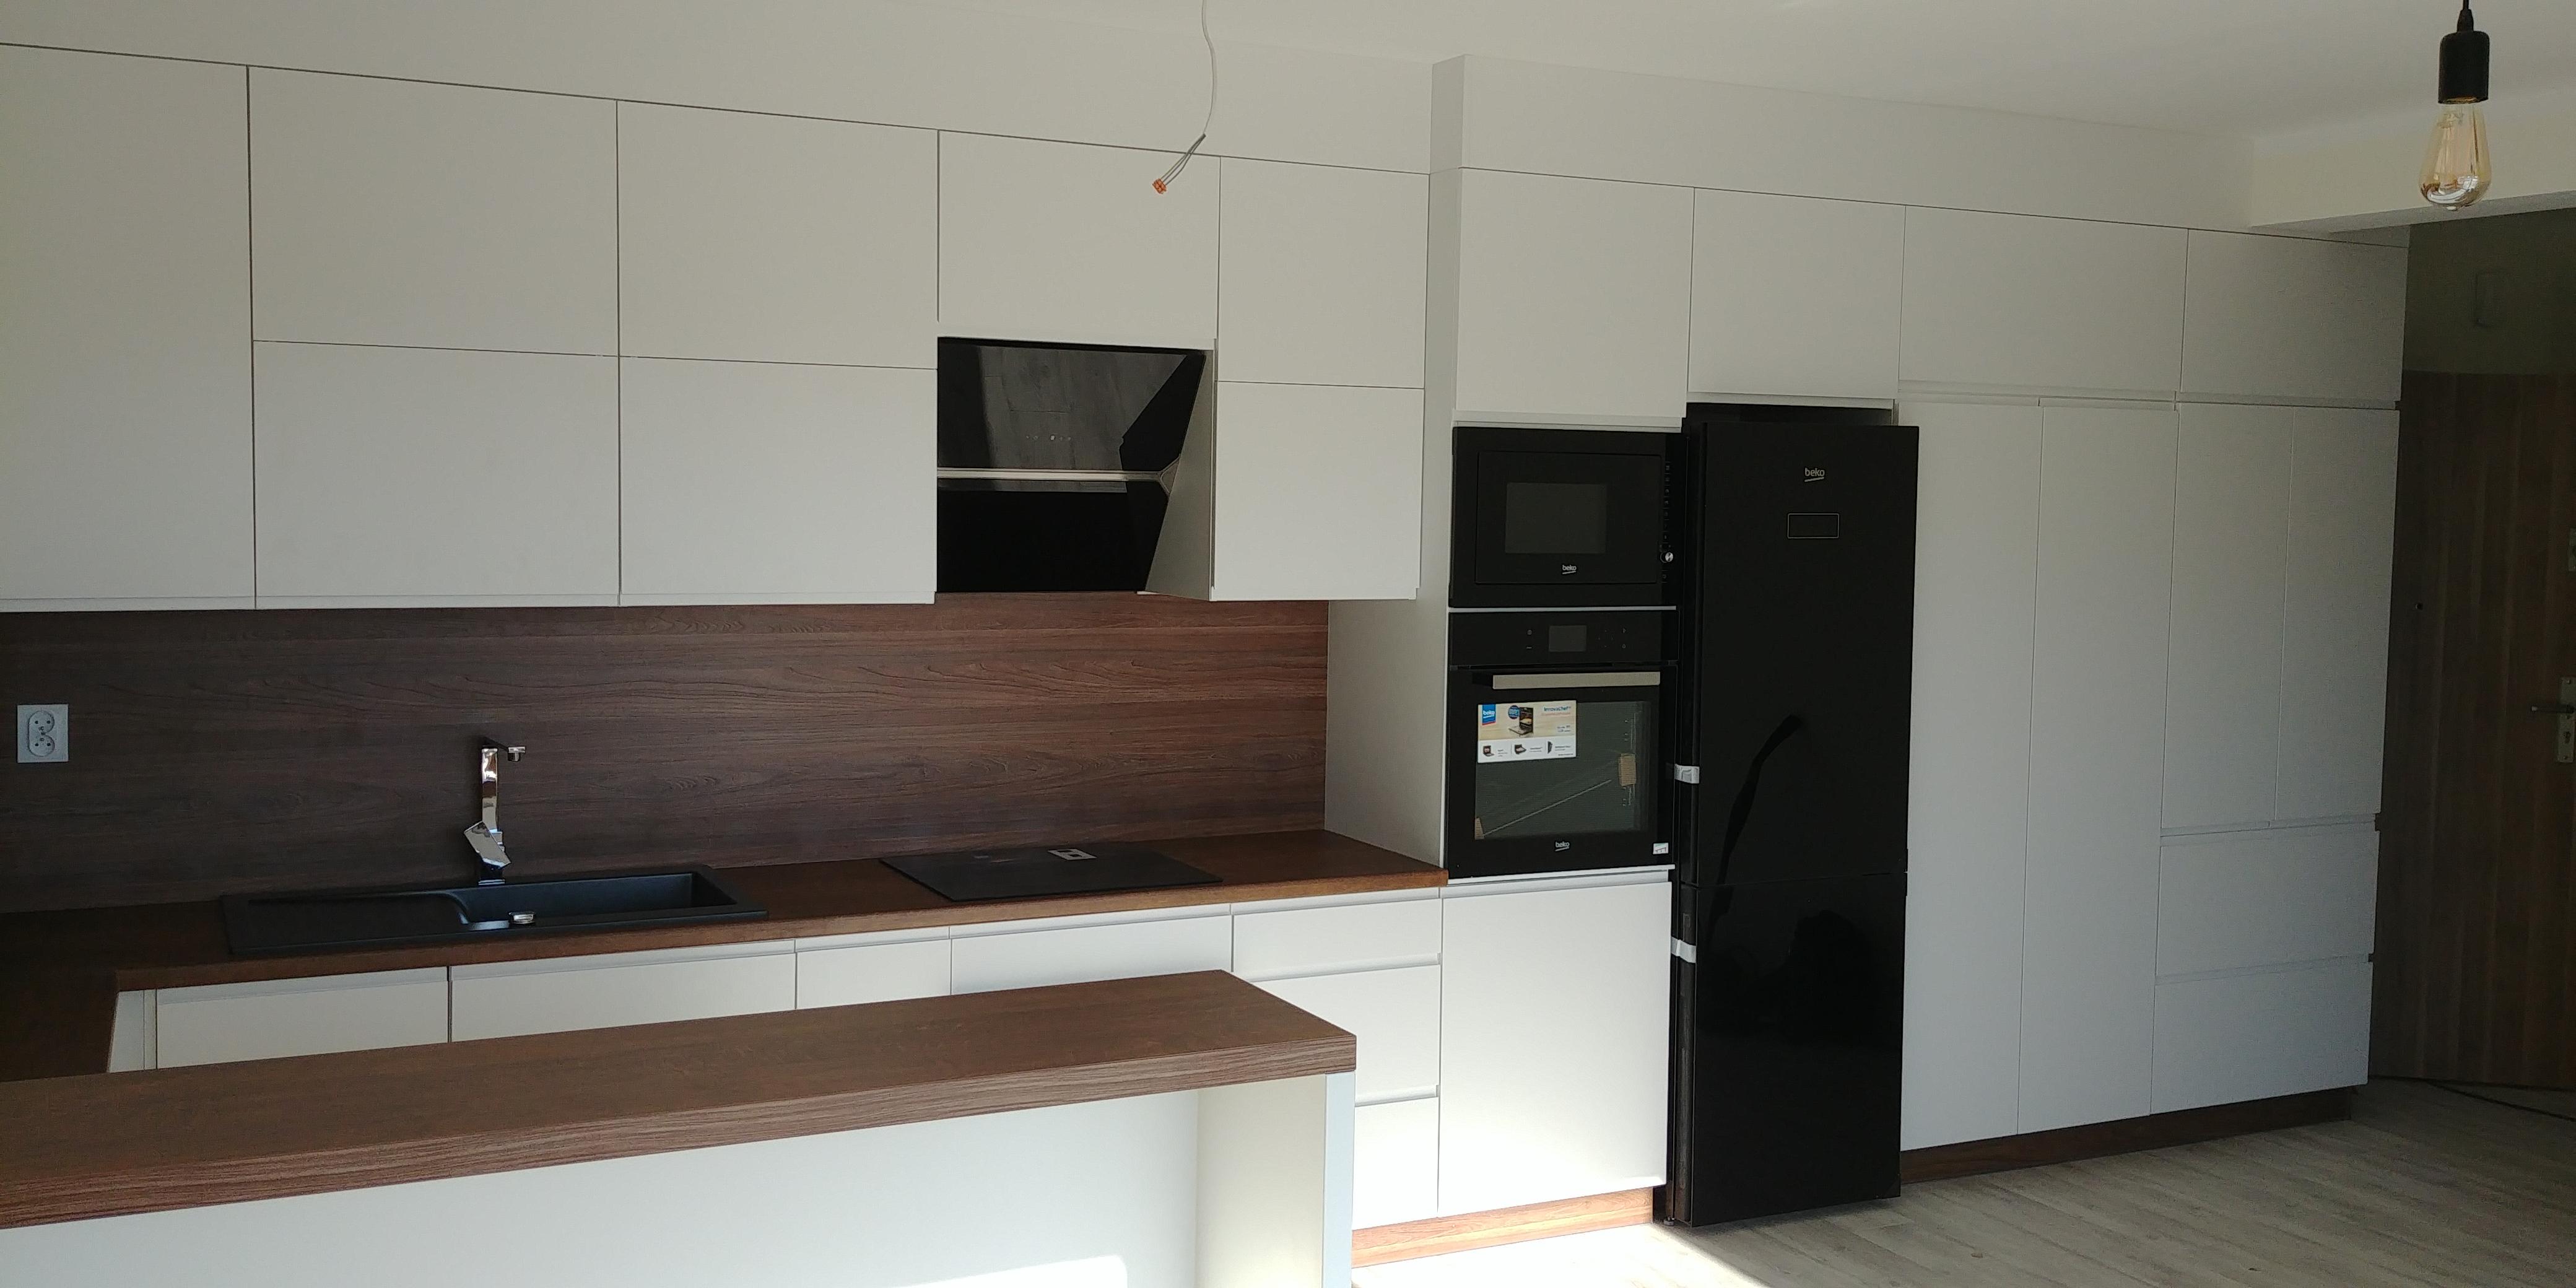 Blat oraz płyta w tym samym kolorze zamontowana między meblami optycznie powiększają kuchnie